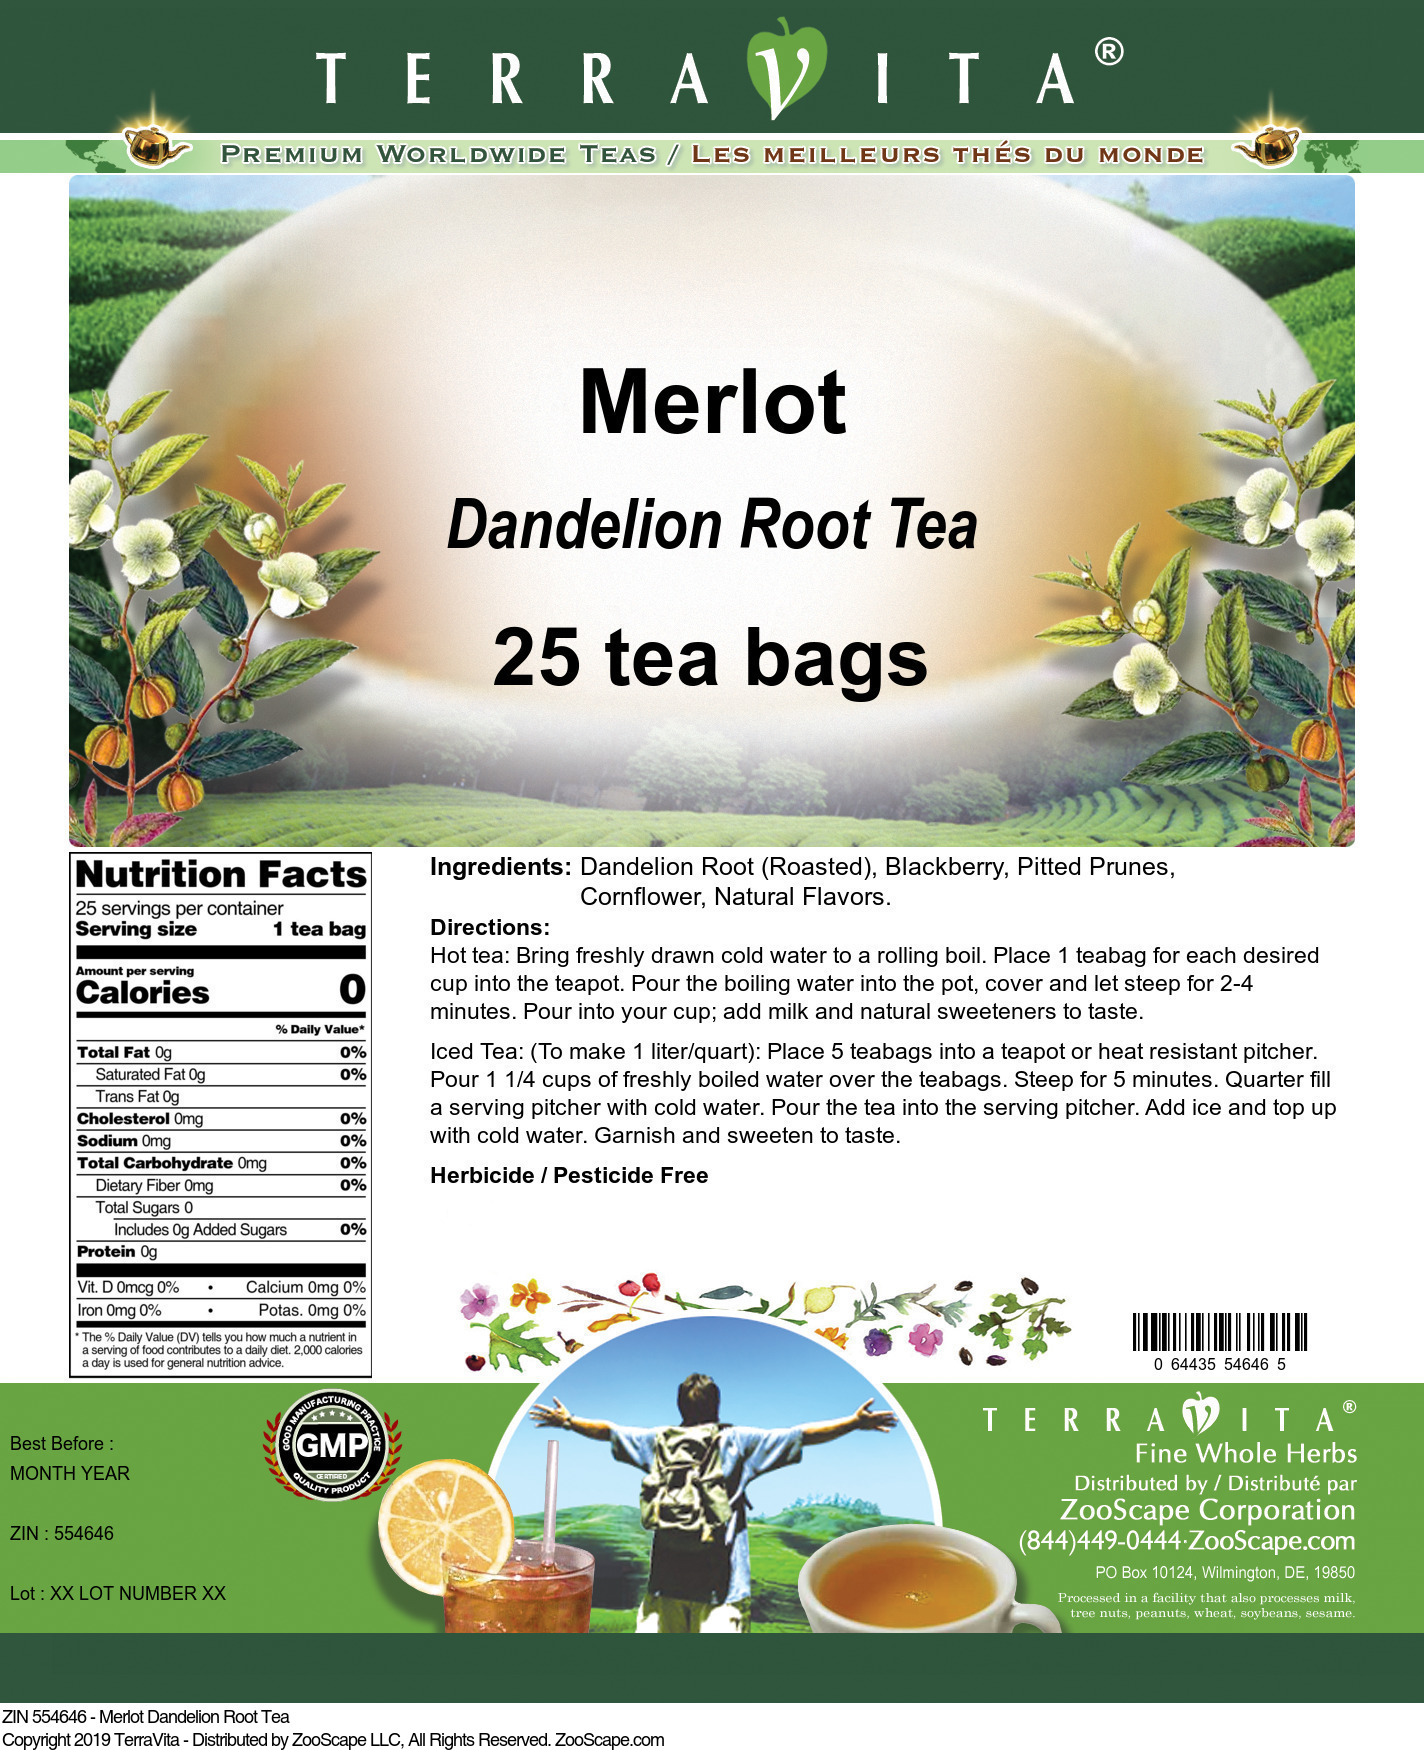 Merlot Dandelion Root Tea